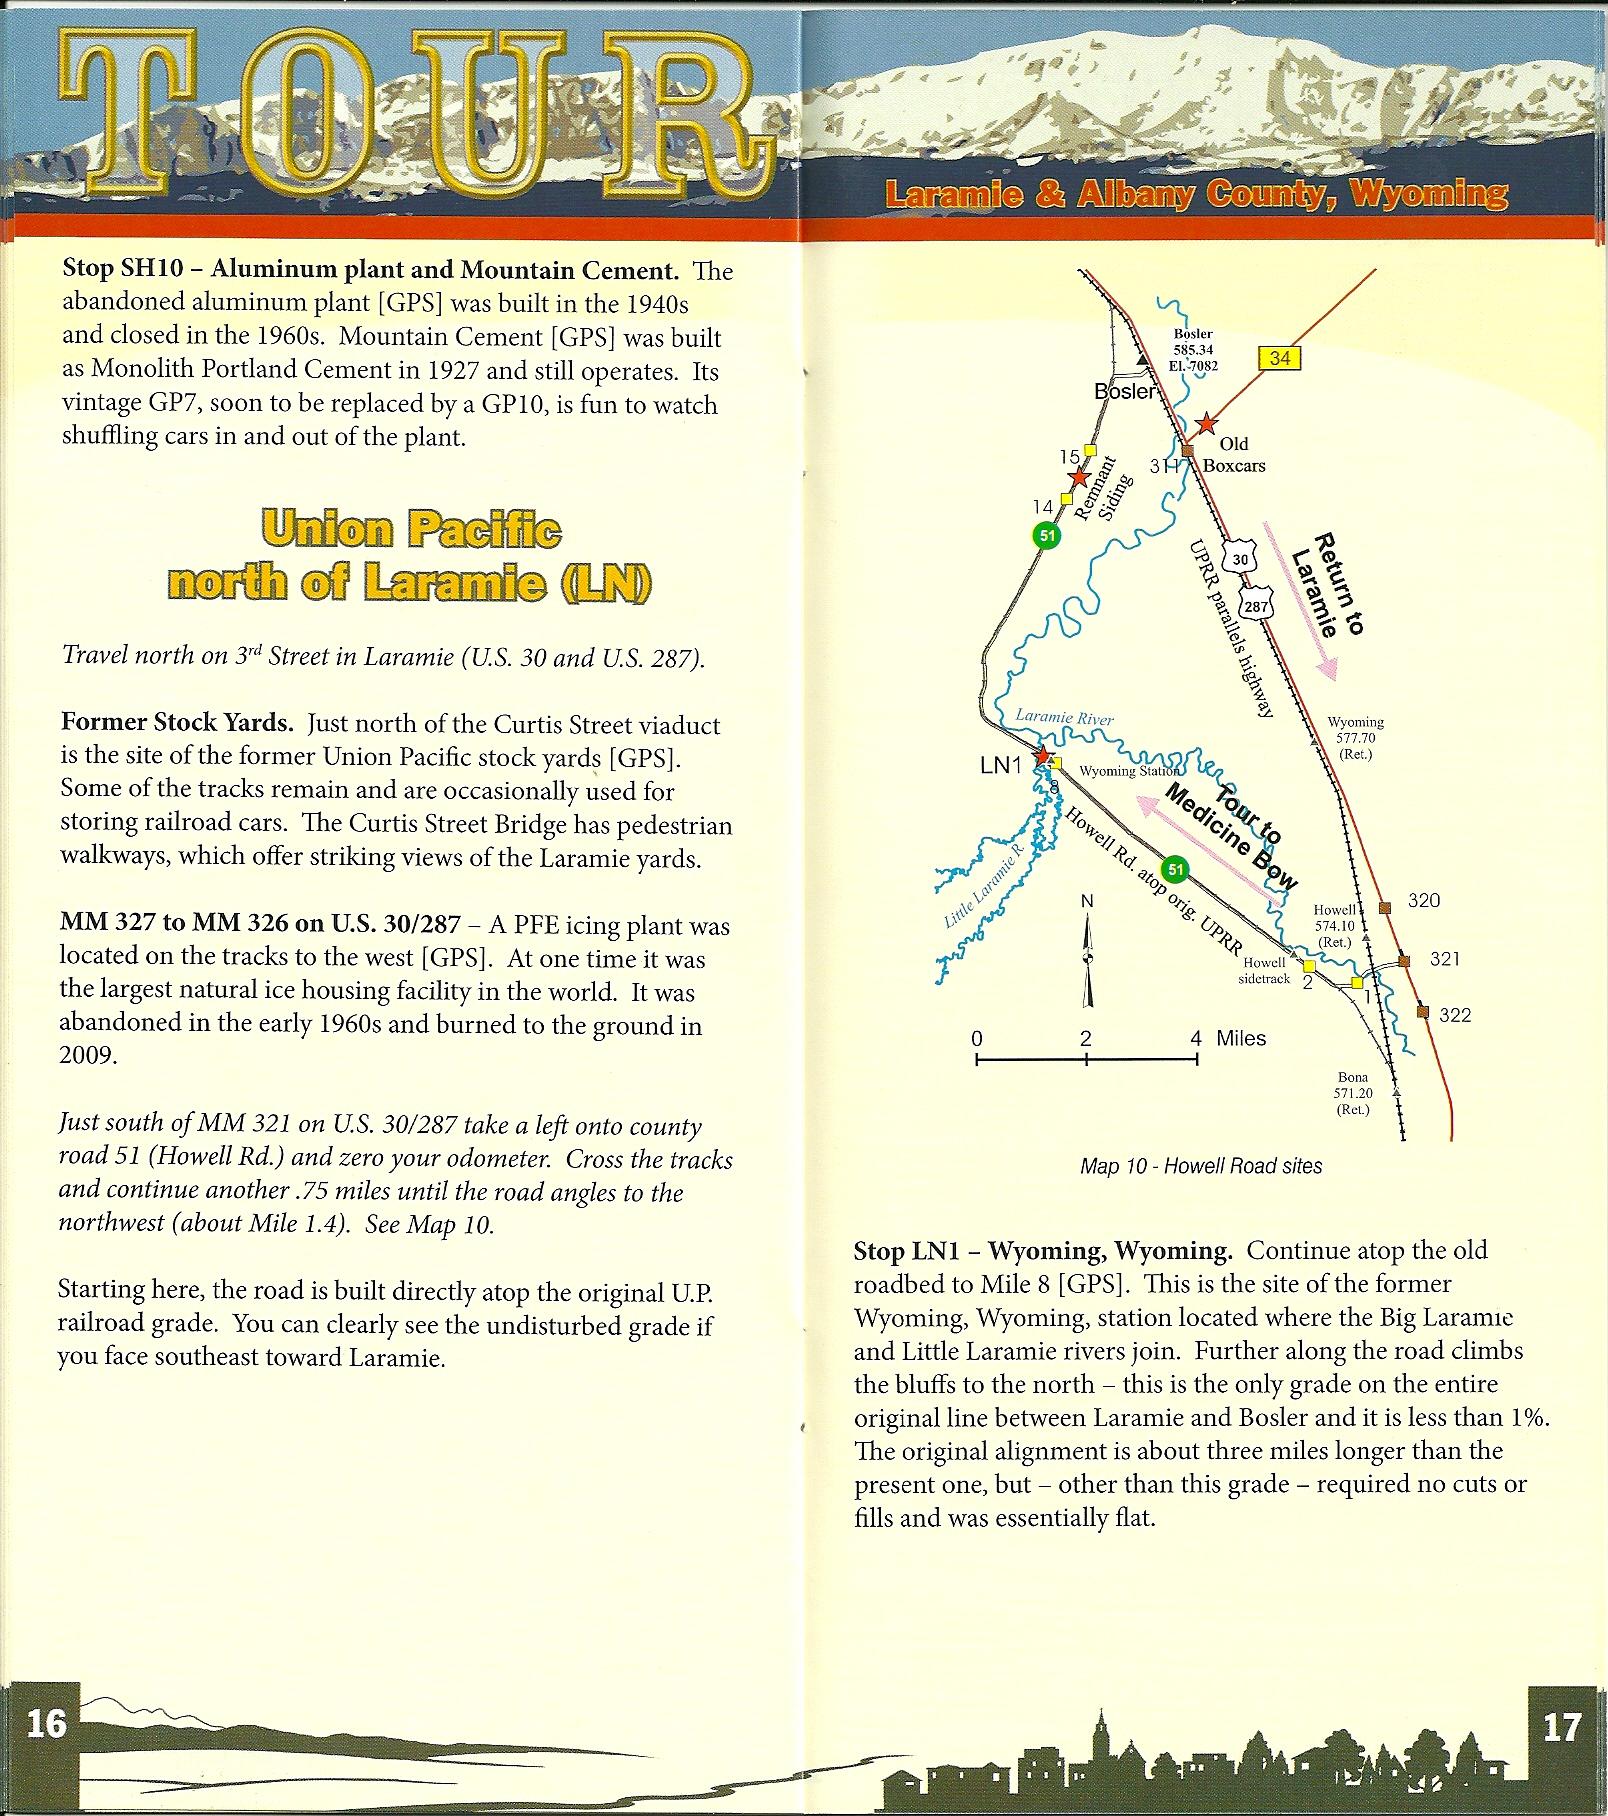 Pp 16 - 17.jpg